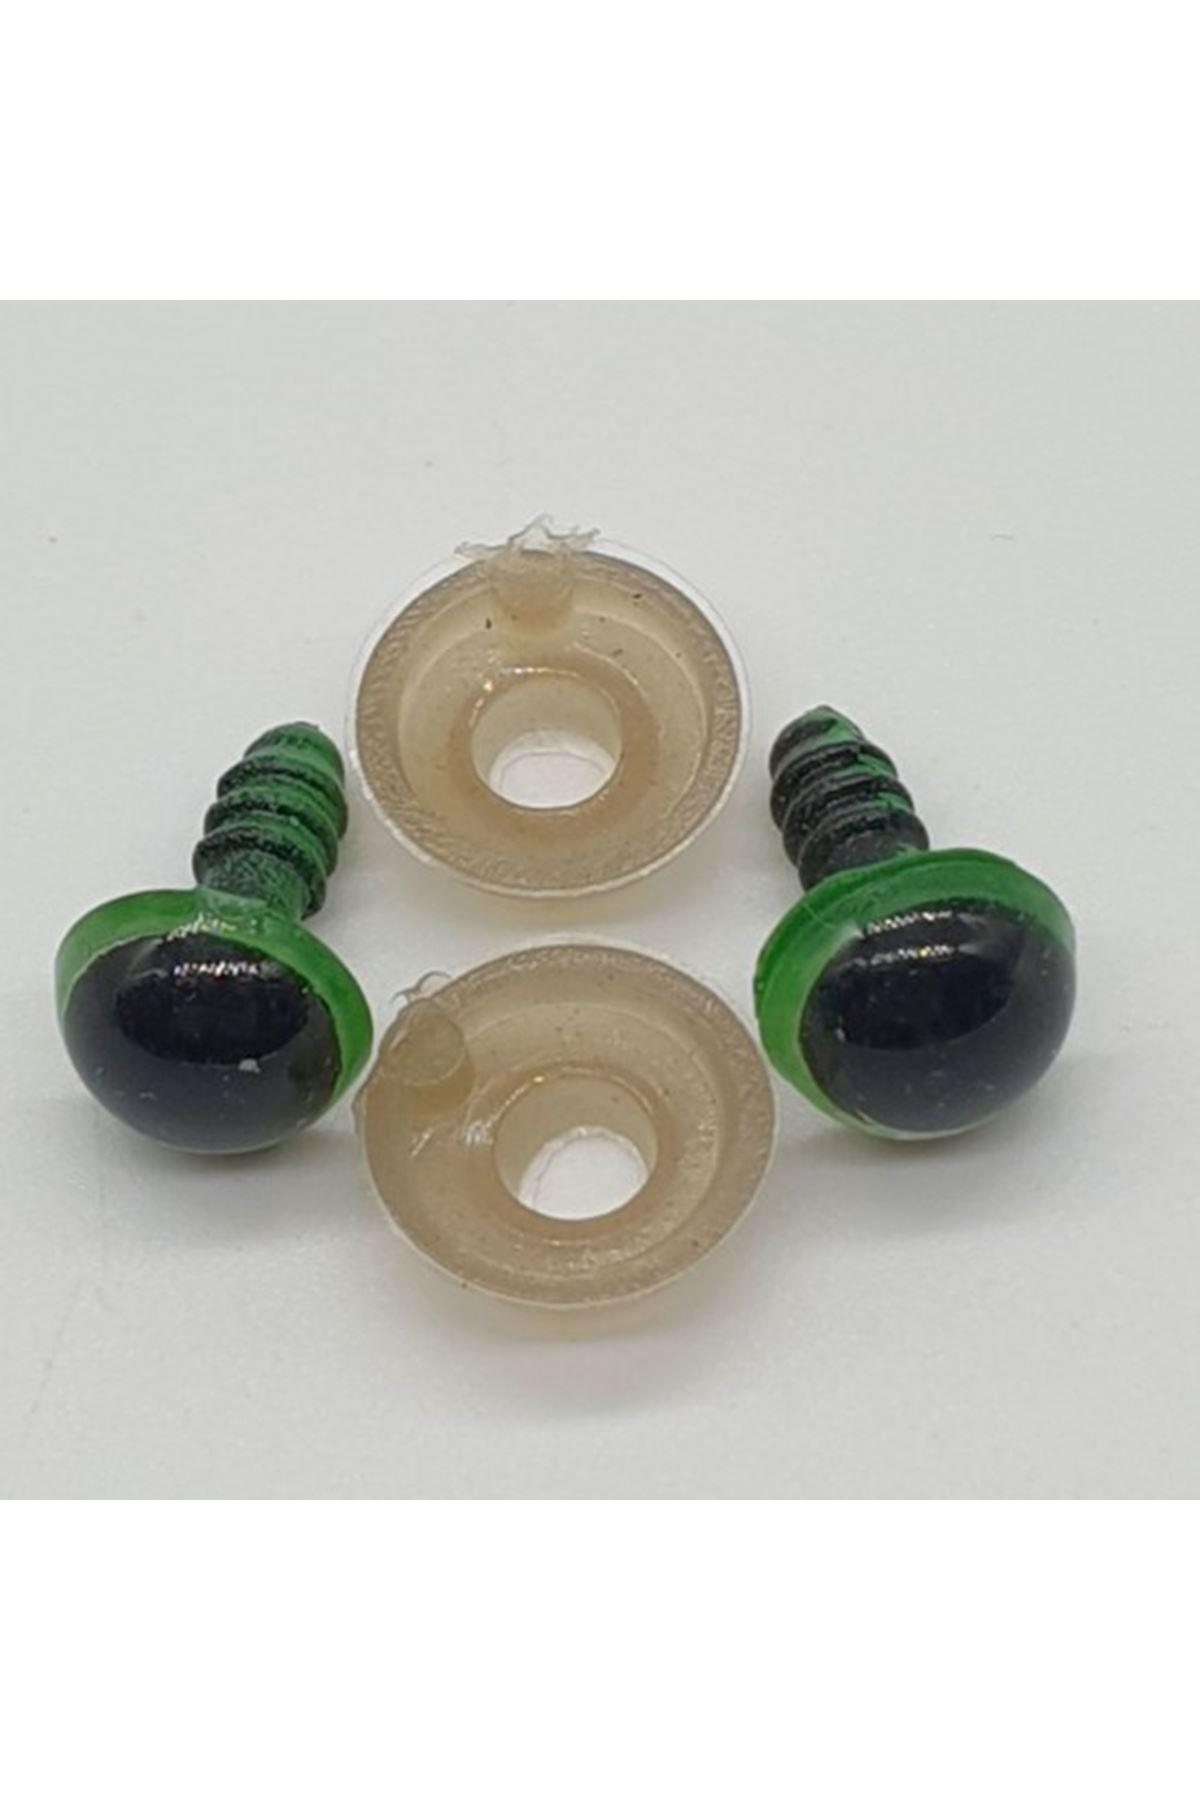 Amigurumi Göz 8 mm Yeşil